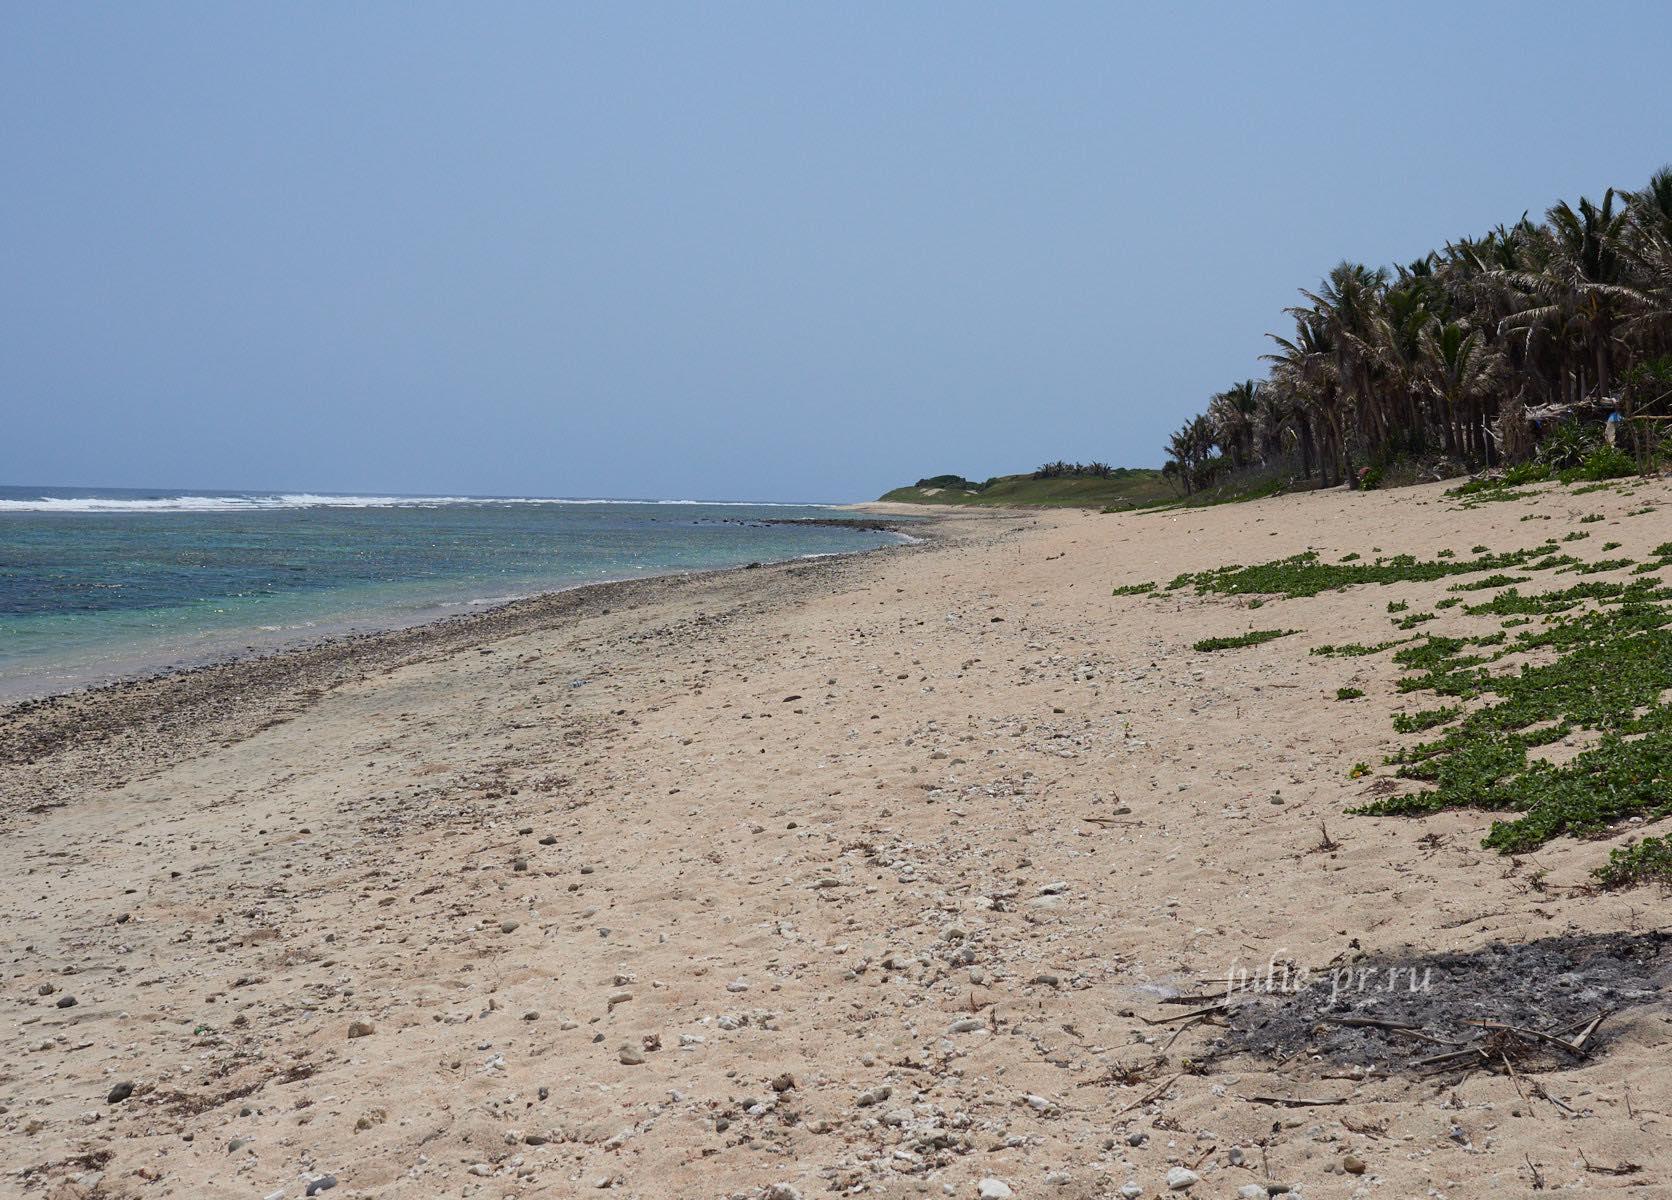 Филиппины, острова Батанес, пляж